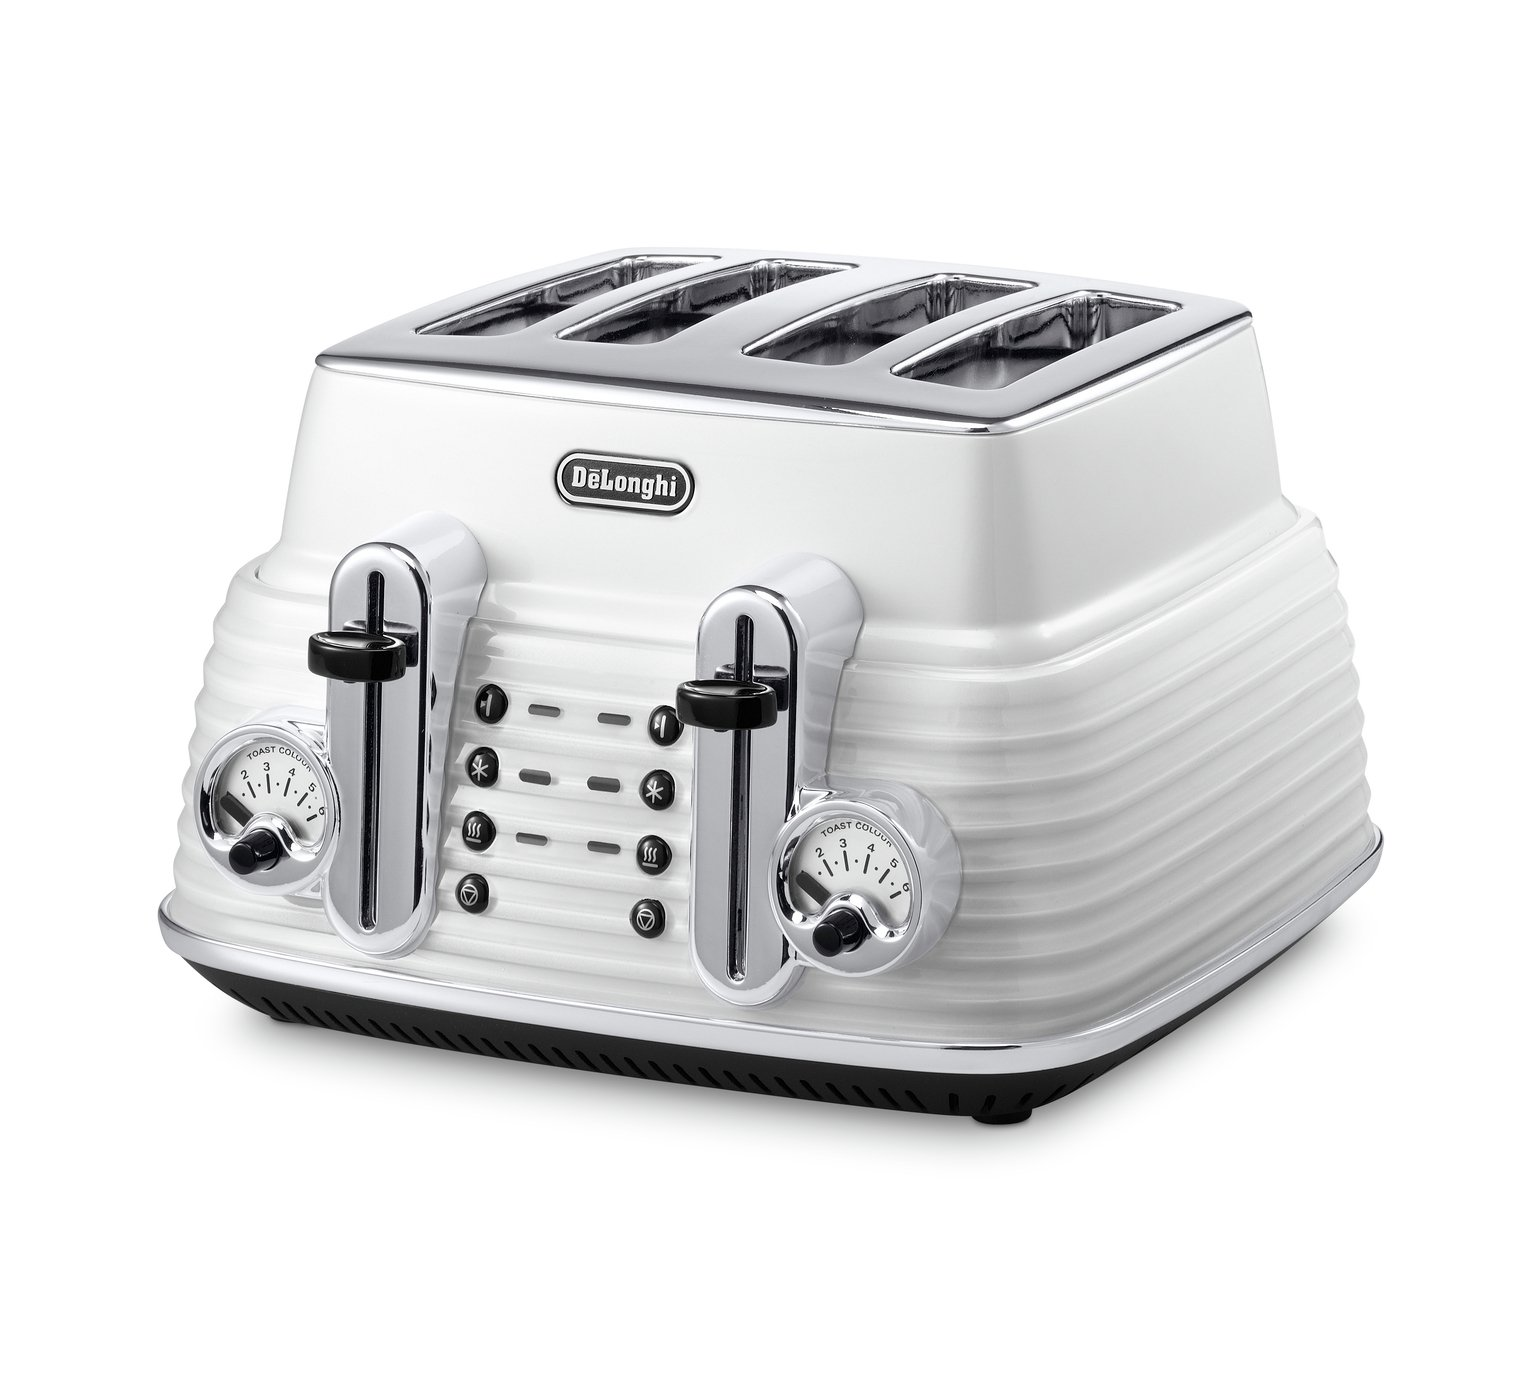 DeLonghi - Toaster - Scultura - 4 Slice - White